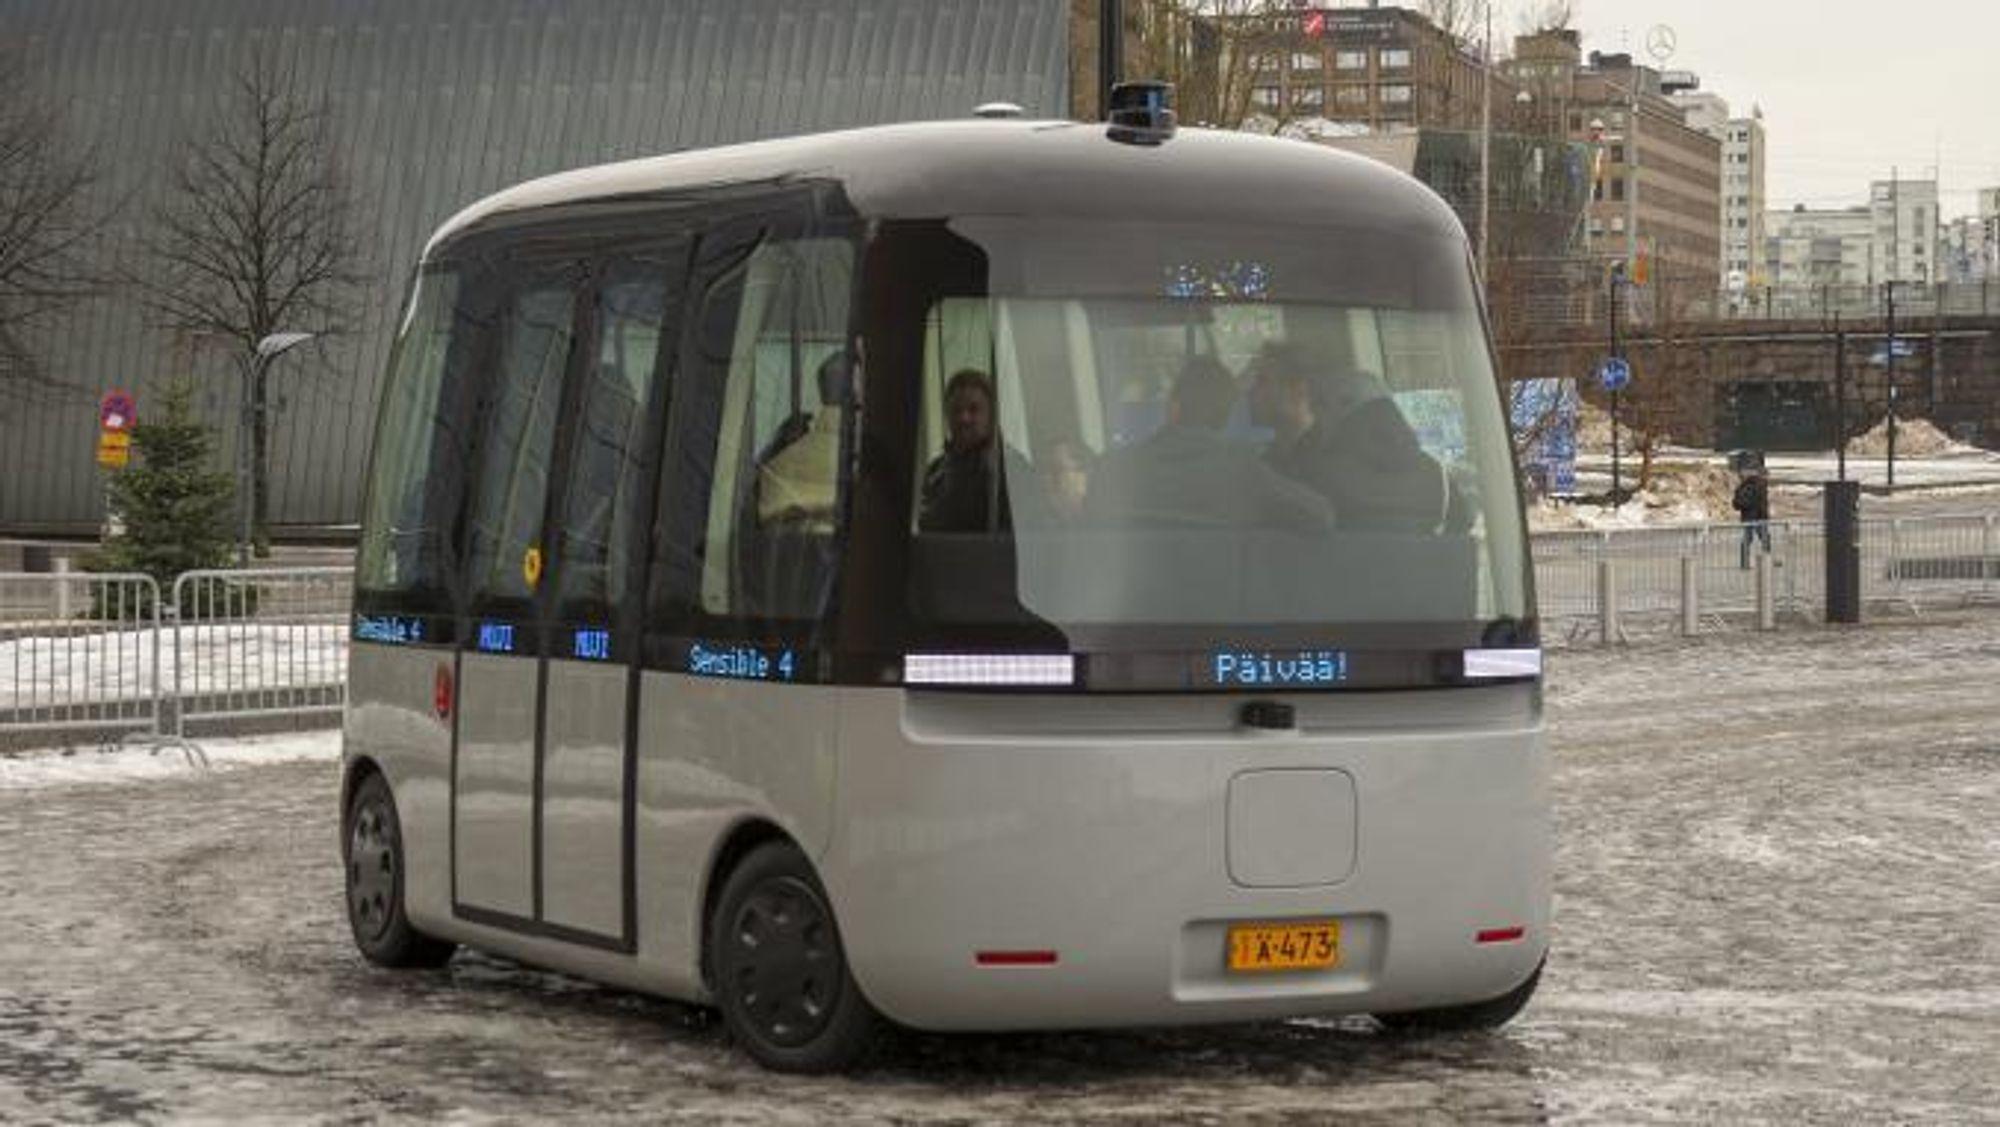 Bussen ble demonstrert i forbindelse med den offisielle premieren i Helsinki i mars.